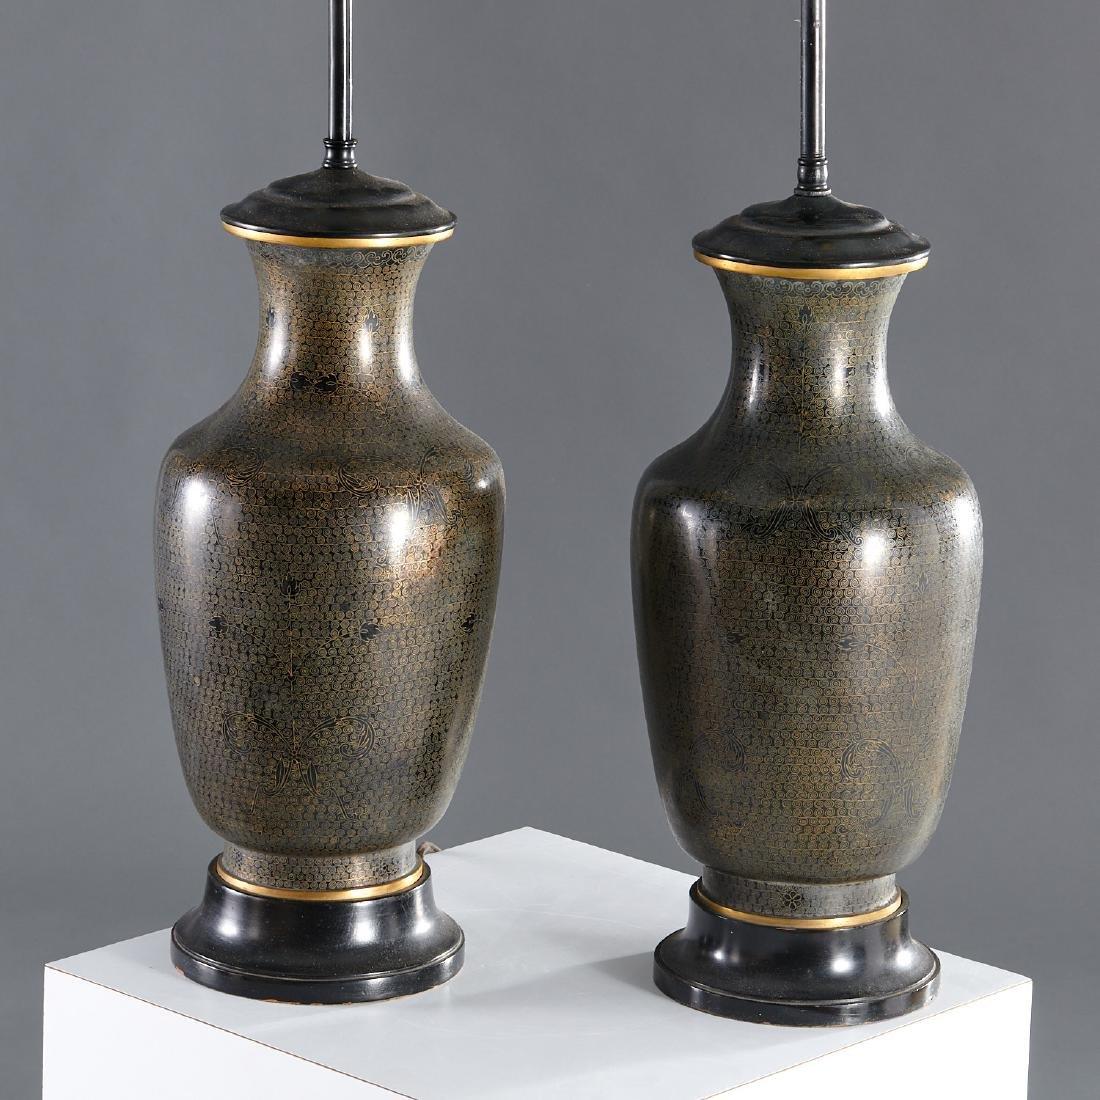 Pair Japanese black cloisonne vase lamps